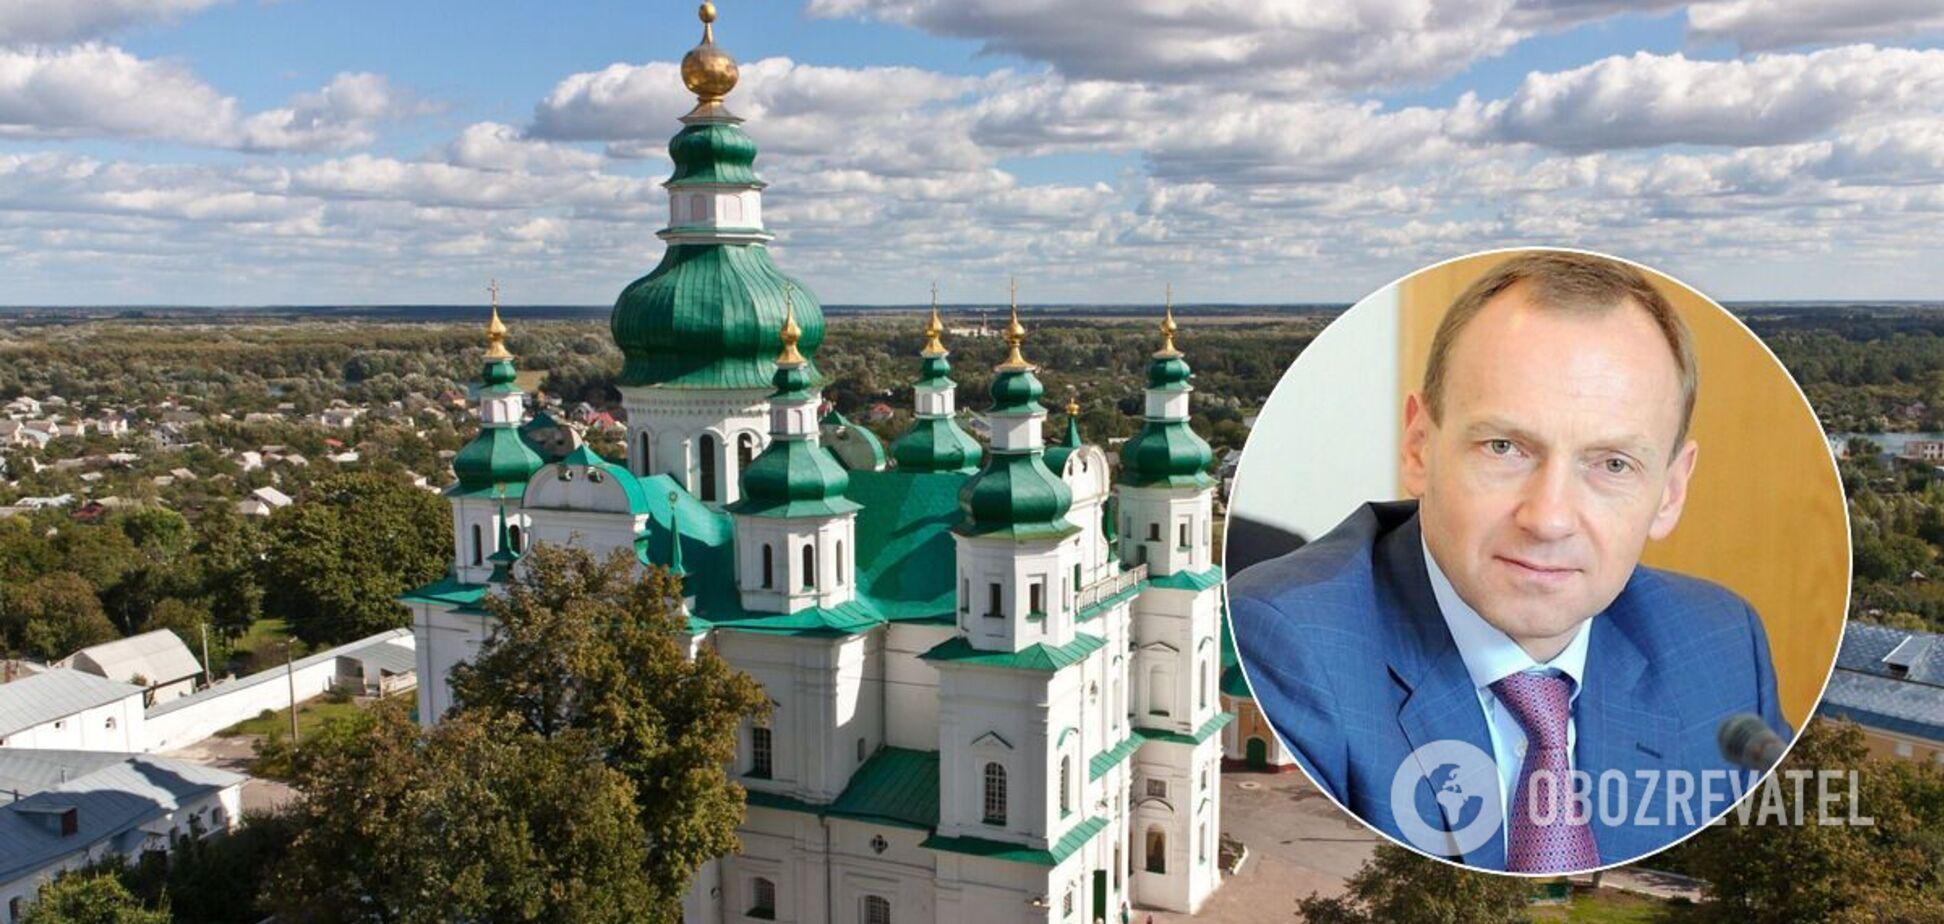 Владислав Атрошенко виграв вибори мера Чернігова